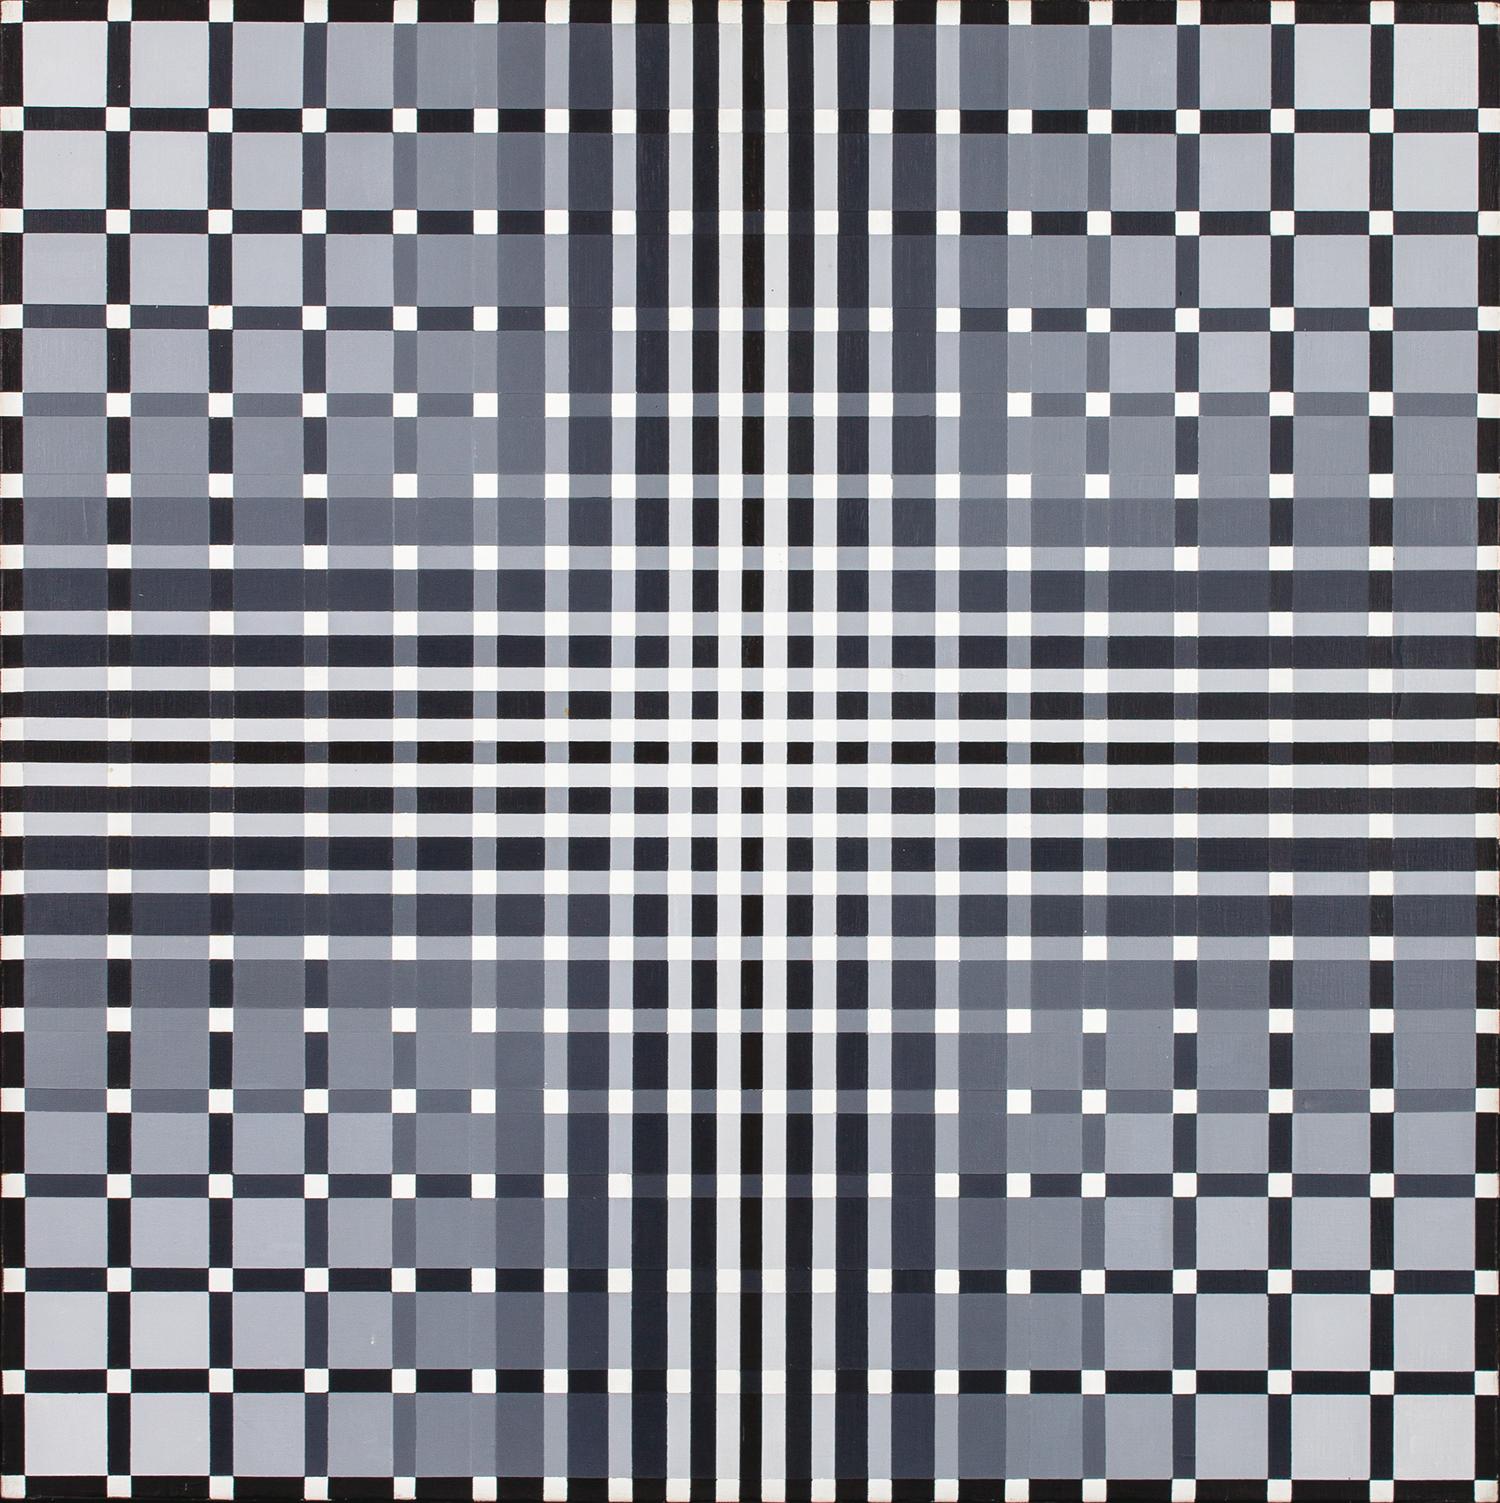 10_Sobrino Francisco olio su tela 60x60 Relaciones BNG-D 1959:1970